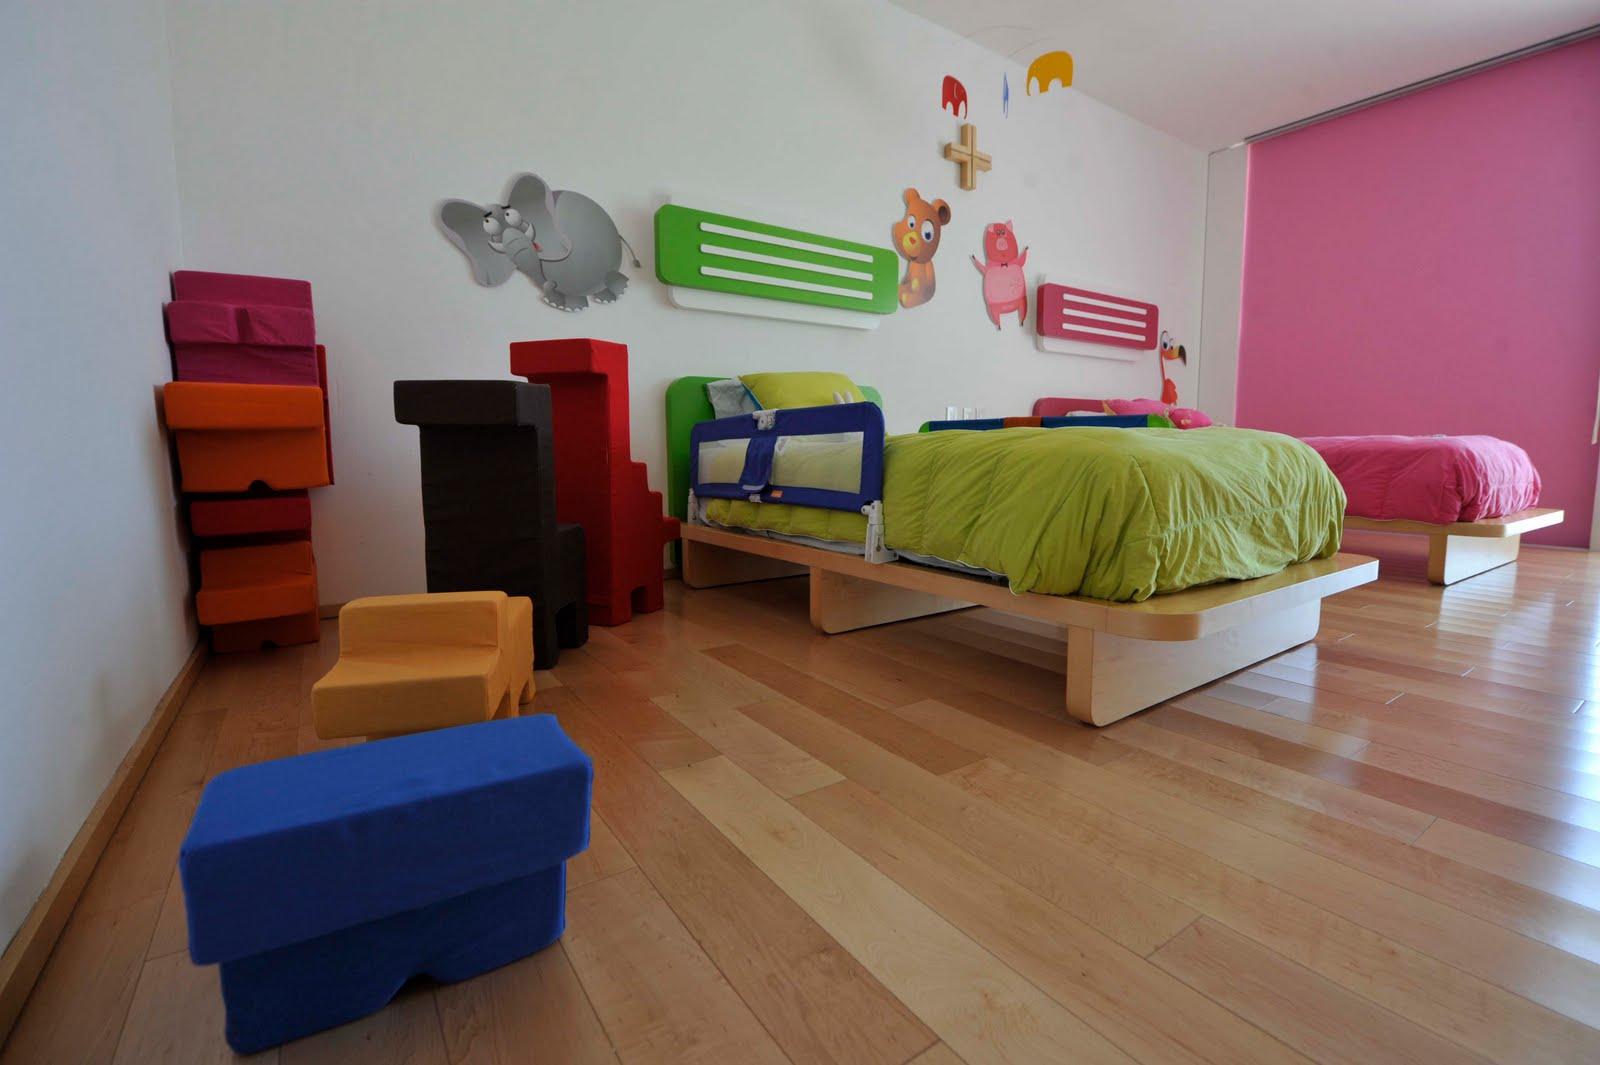 Cubo 3 taller de dise o agosto 2010 - Diseno habitacion infantil ...